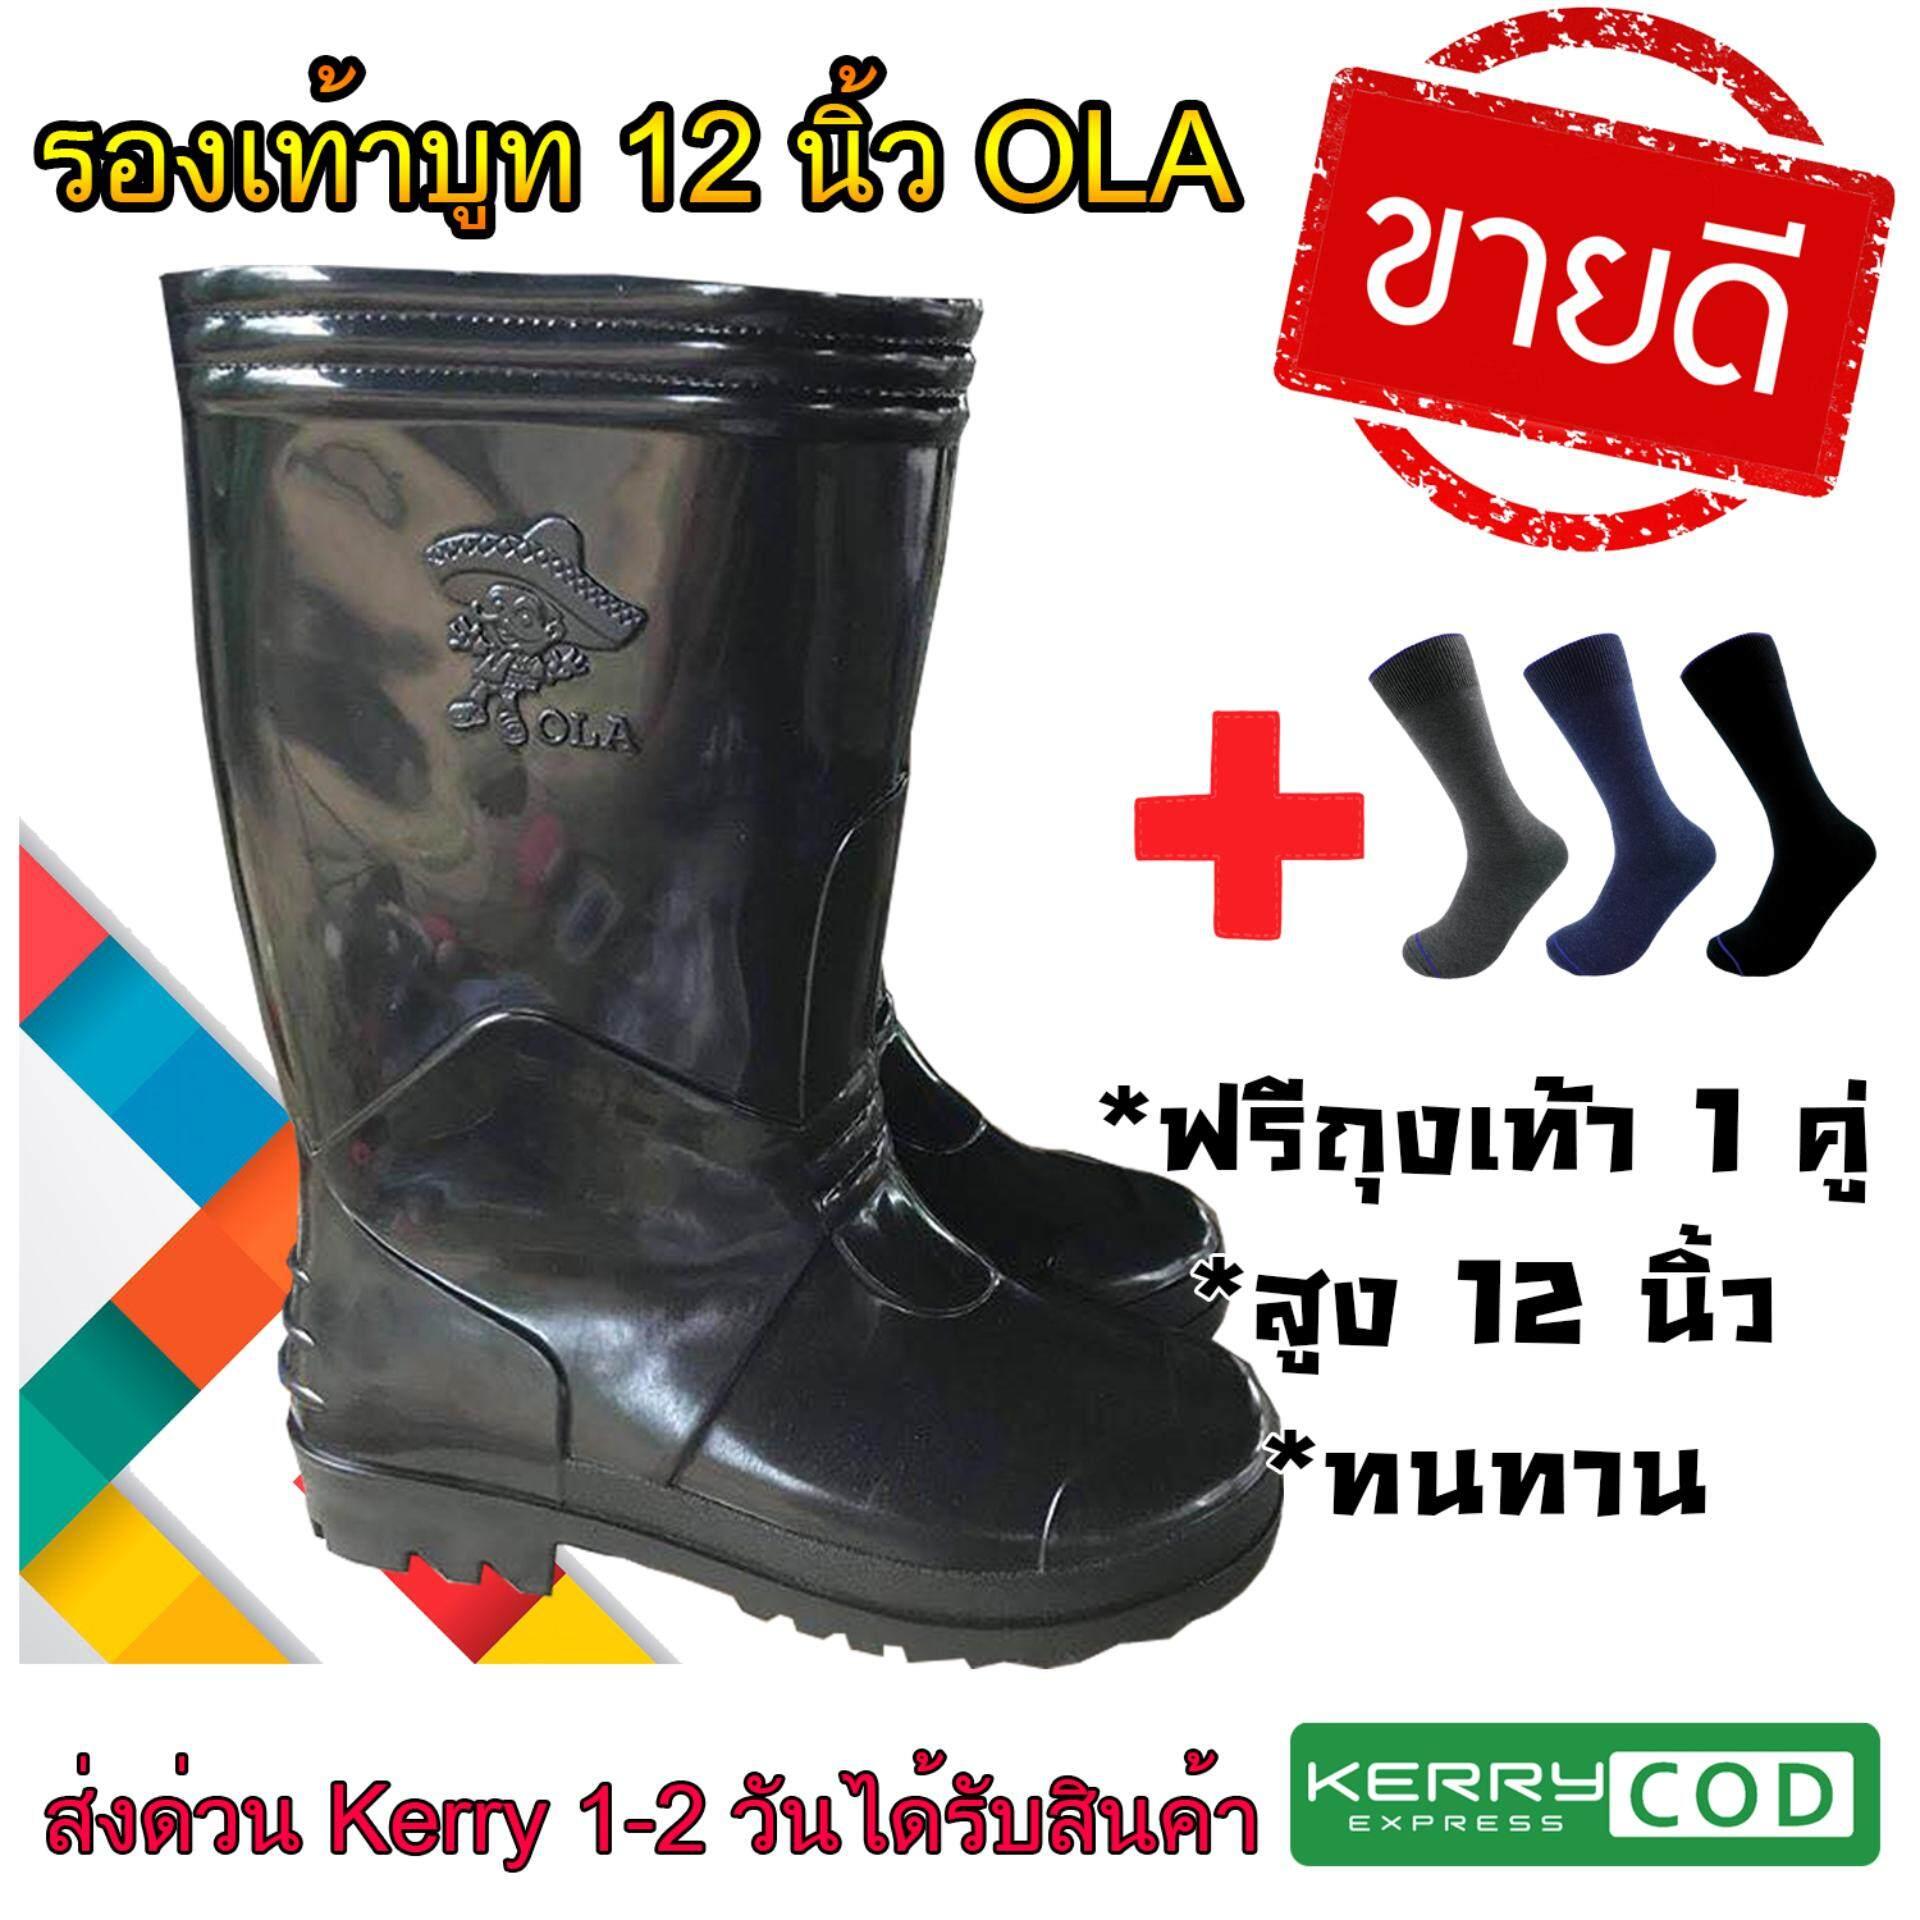 รองเท้าบูทกันน้ำ สีดำ รองเท้าบูทกันน้ํา รองเท้าบูทยาง รองเท้าบูท สูง12 นิ้ว รองเท้าบูทยาว ราคาคุ้มค่า ส่งไว.